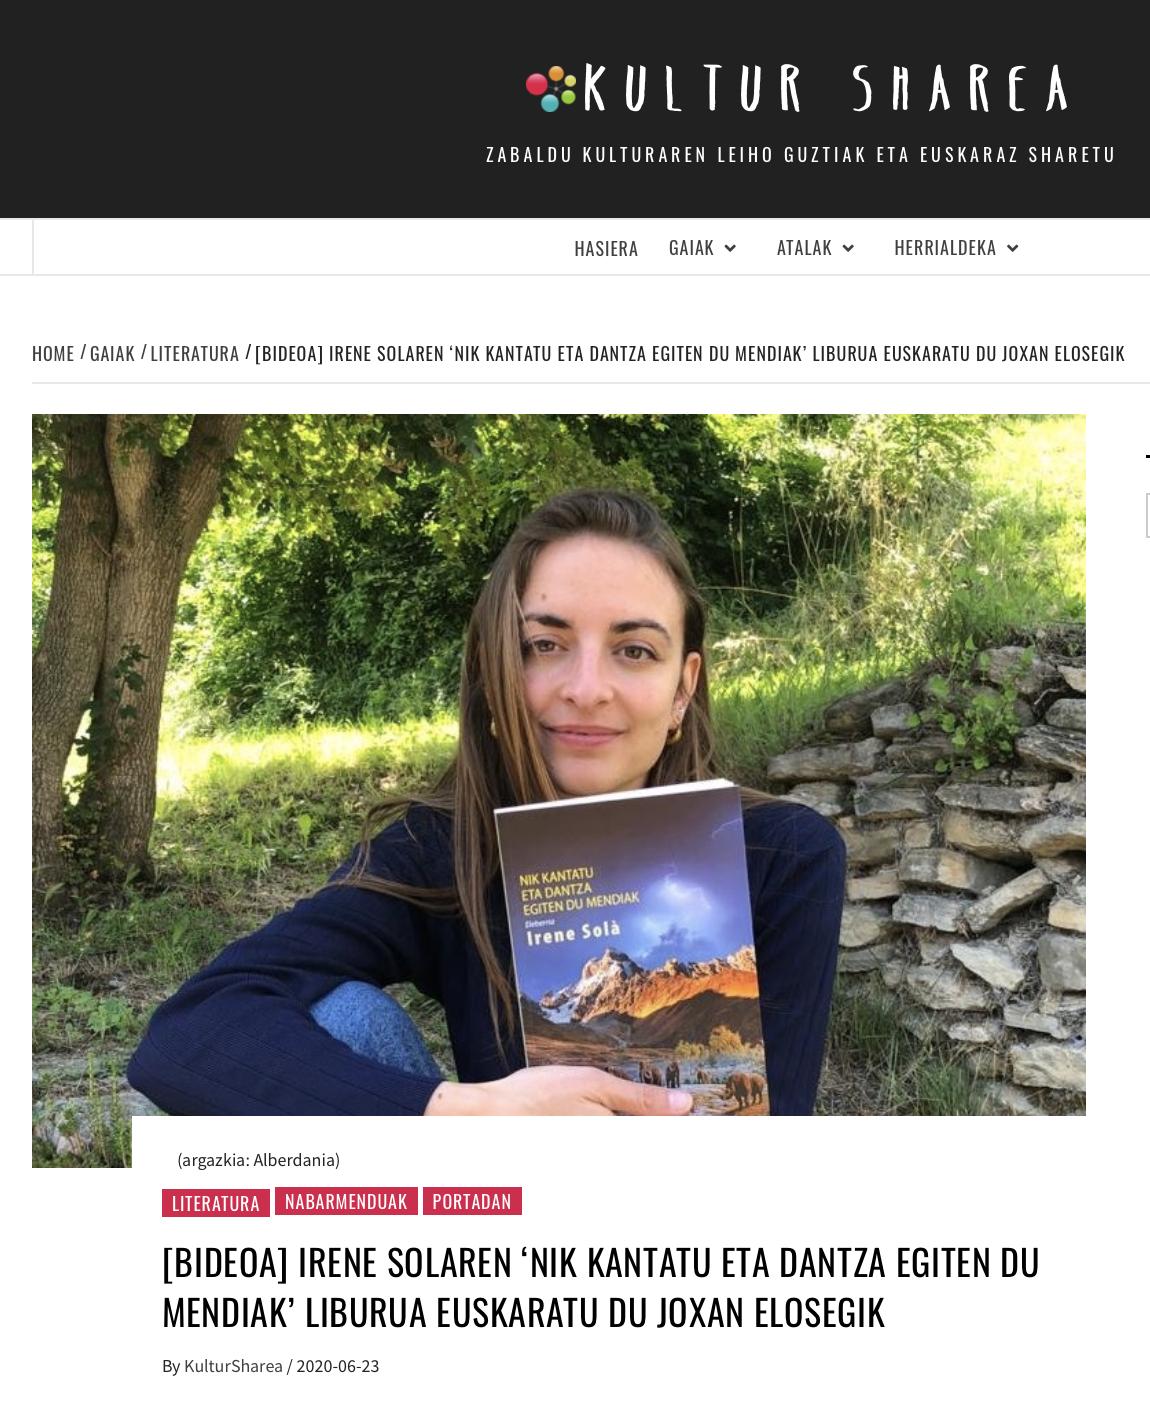 Kultur Sharea: Irene Solaren 'Nik kantatu eta dantza egiten du mendiak' liburua euskaratu du Joxan Elosegik